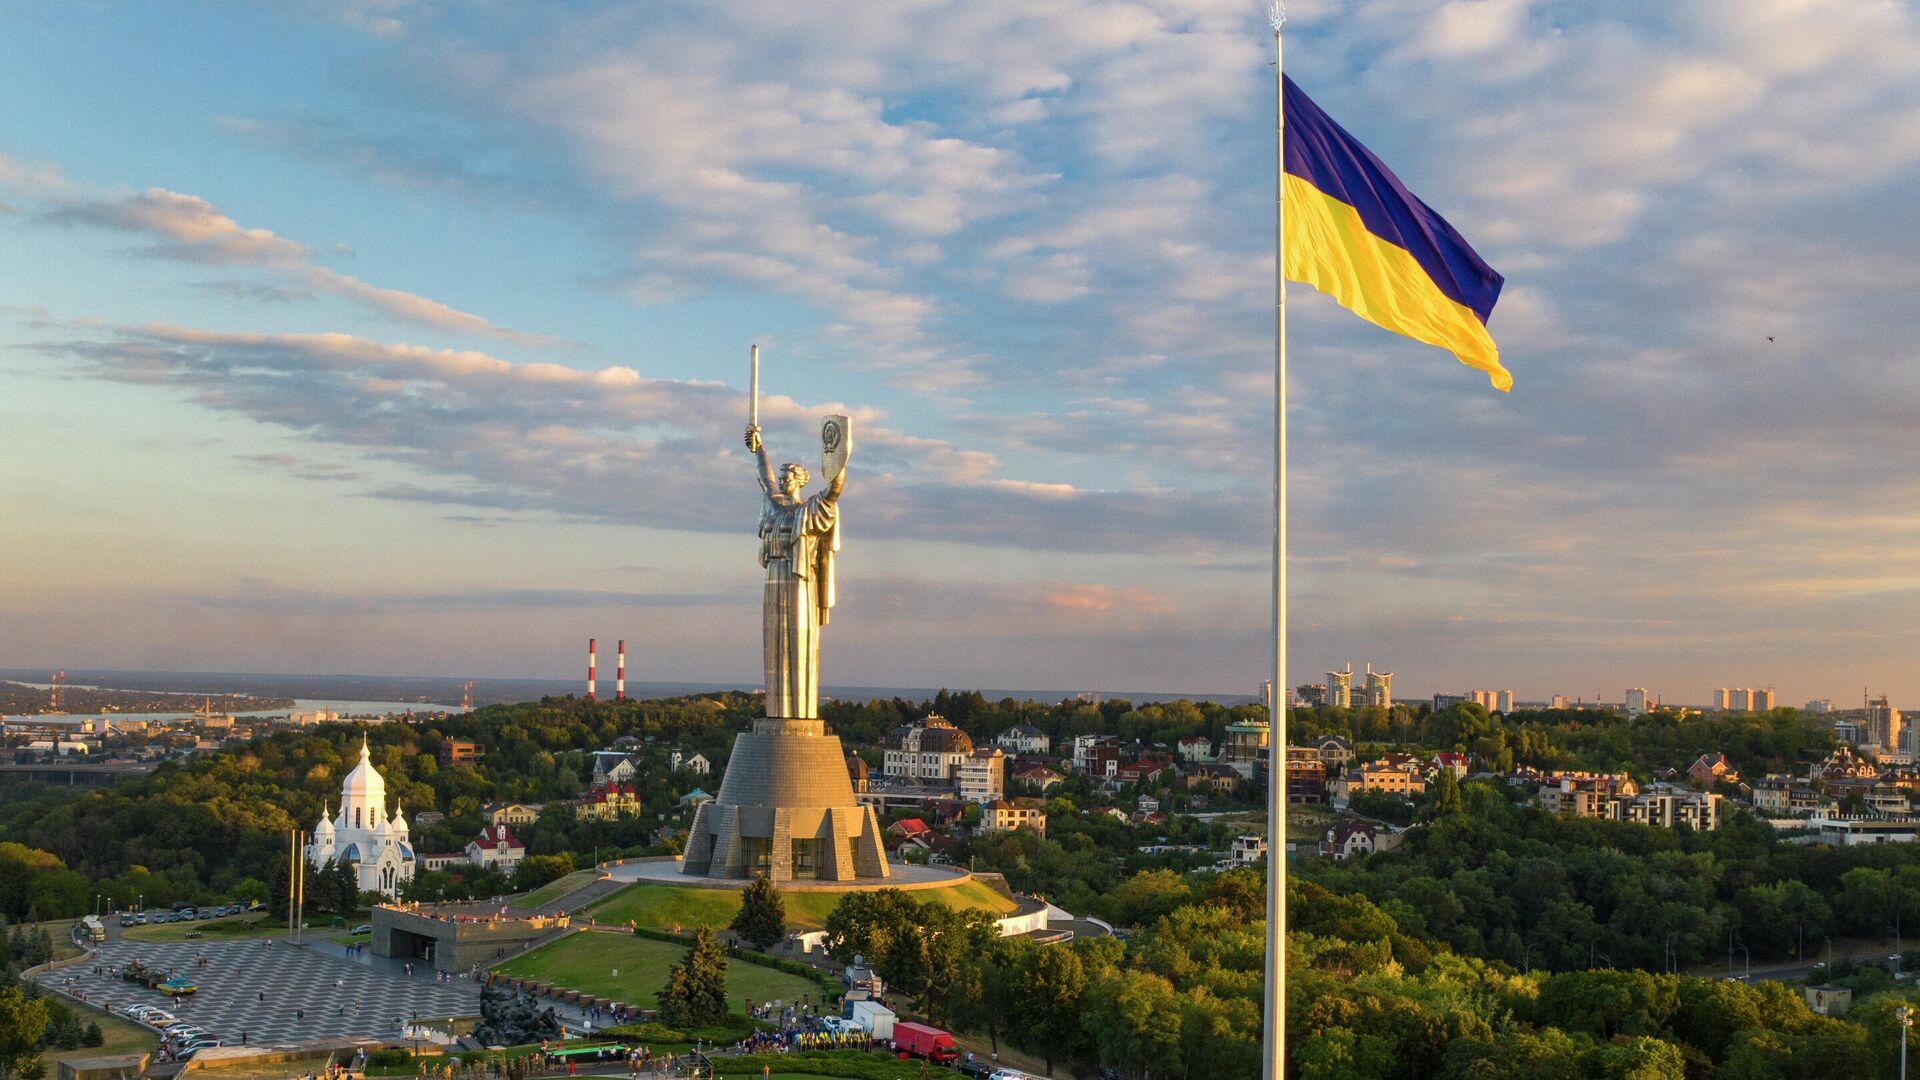 Самый большой флаг Украины в Киеве - РИА Новости, 1920, 19.01.2021